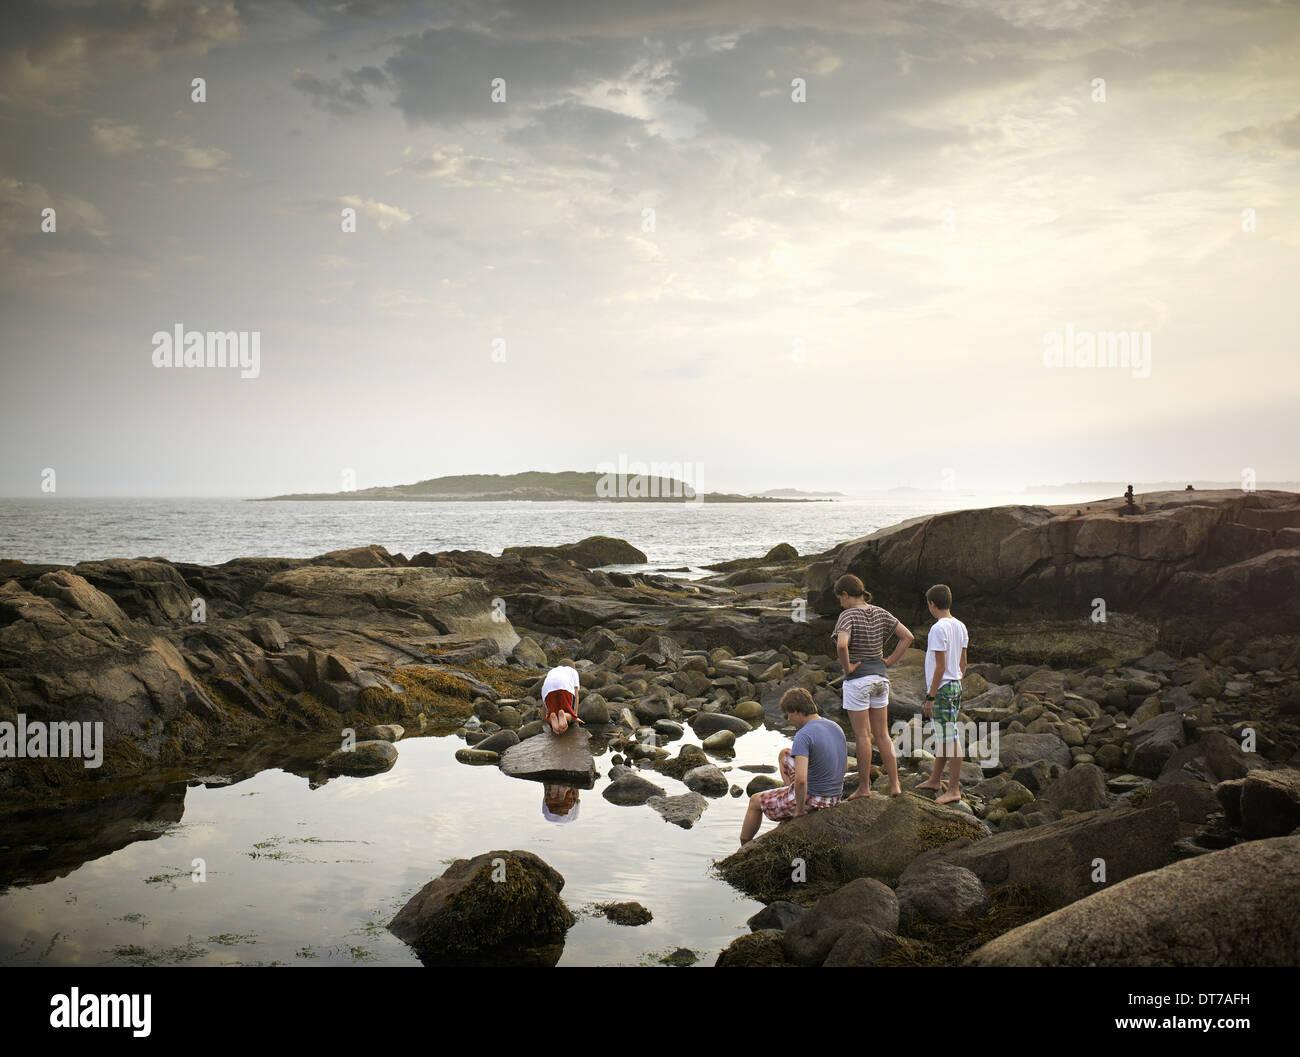 Un groupe de personnes sur la rive rock mise en commun et l'exploration de la vie marine au large de l'île Vue d'un USA Photo Stock